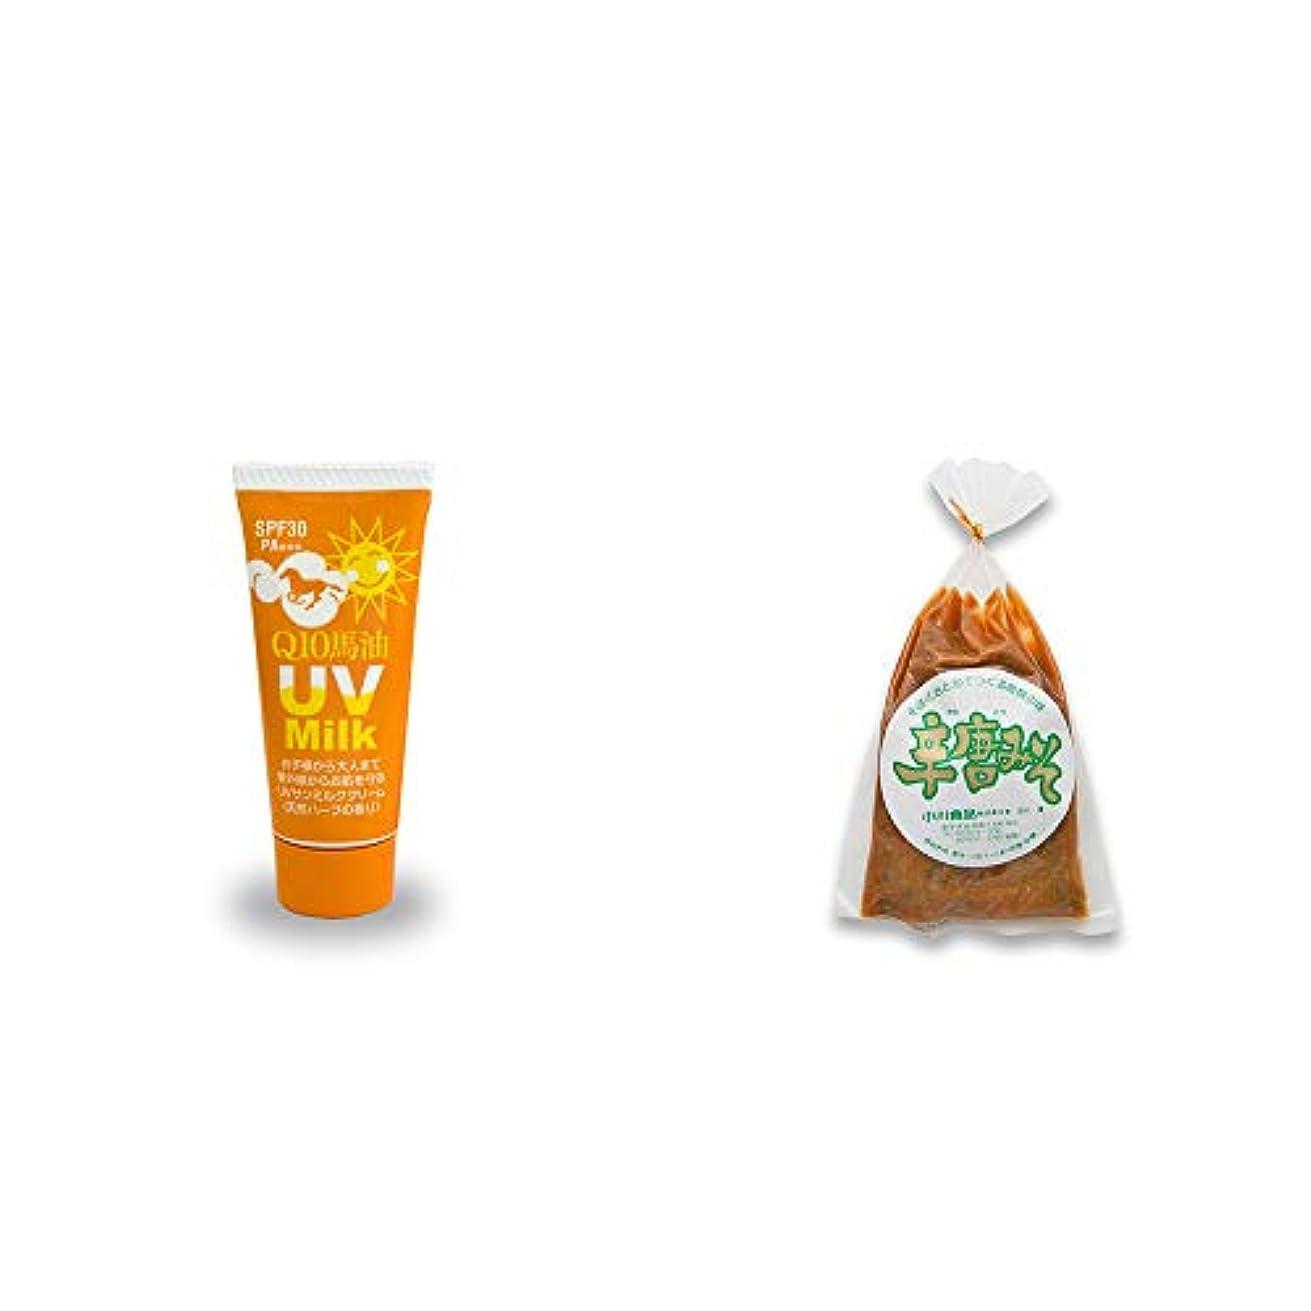 露出度の高いむしろ克服する[2点セット] 炭黒泉 Q10馬油 UVサンミルク[天然ハーブ](40g)?辛唐みそ(130g)